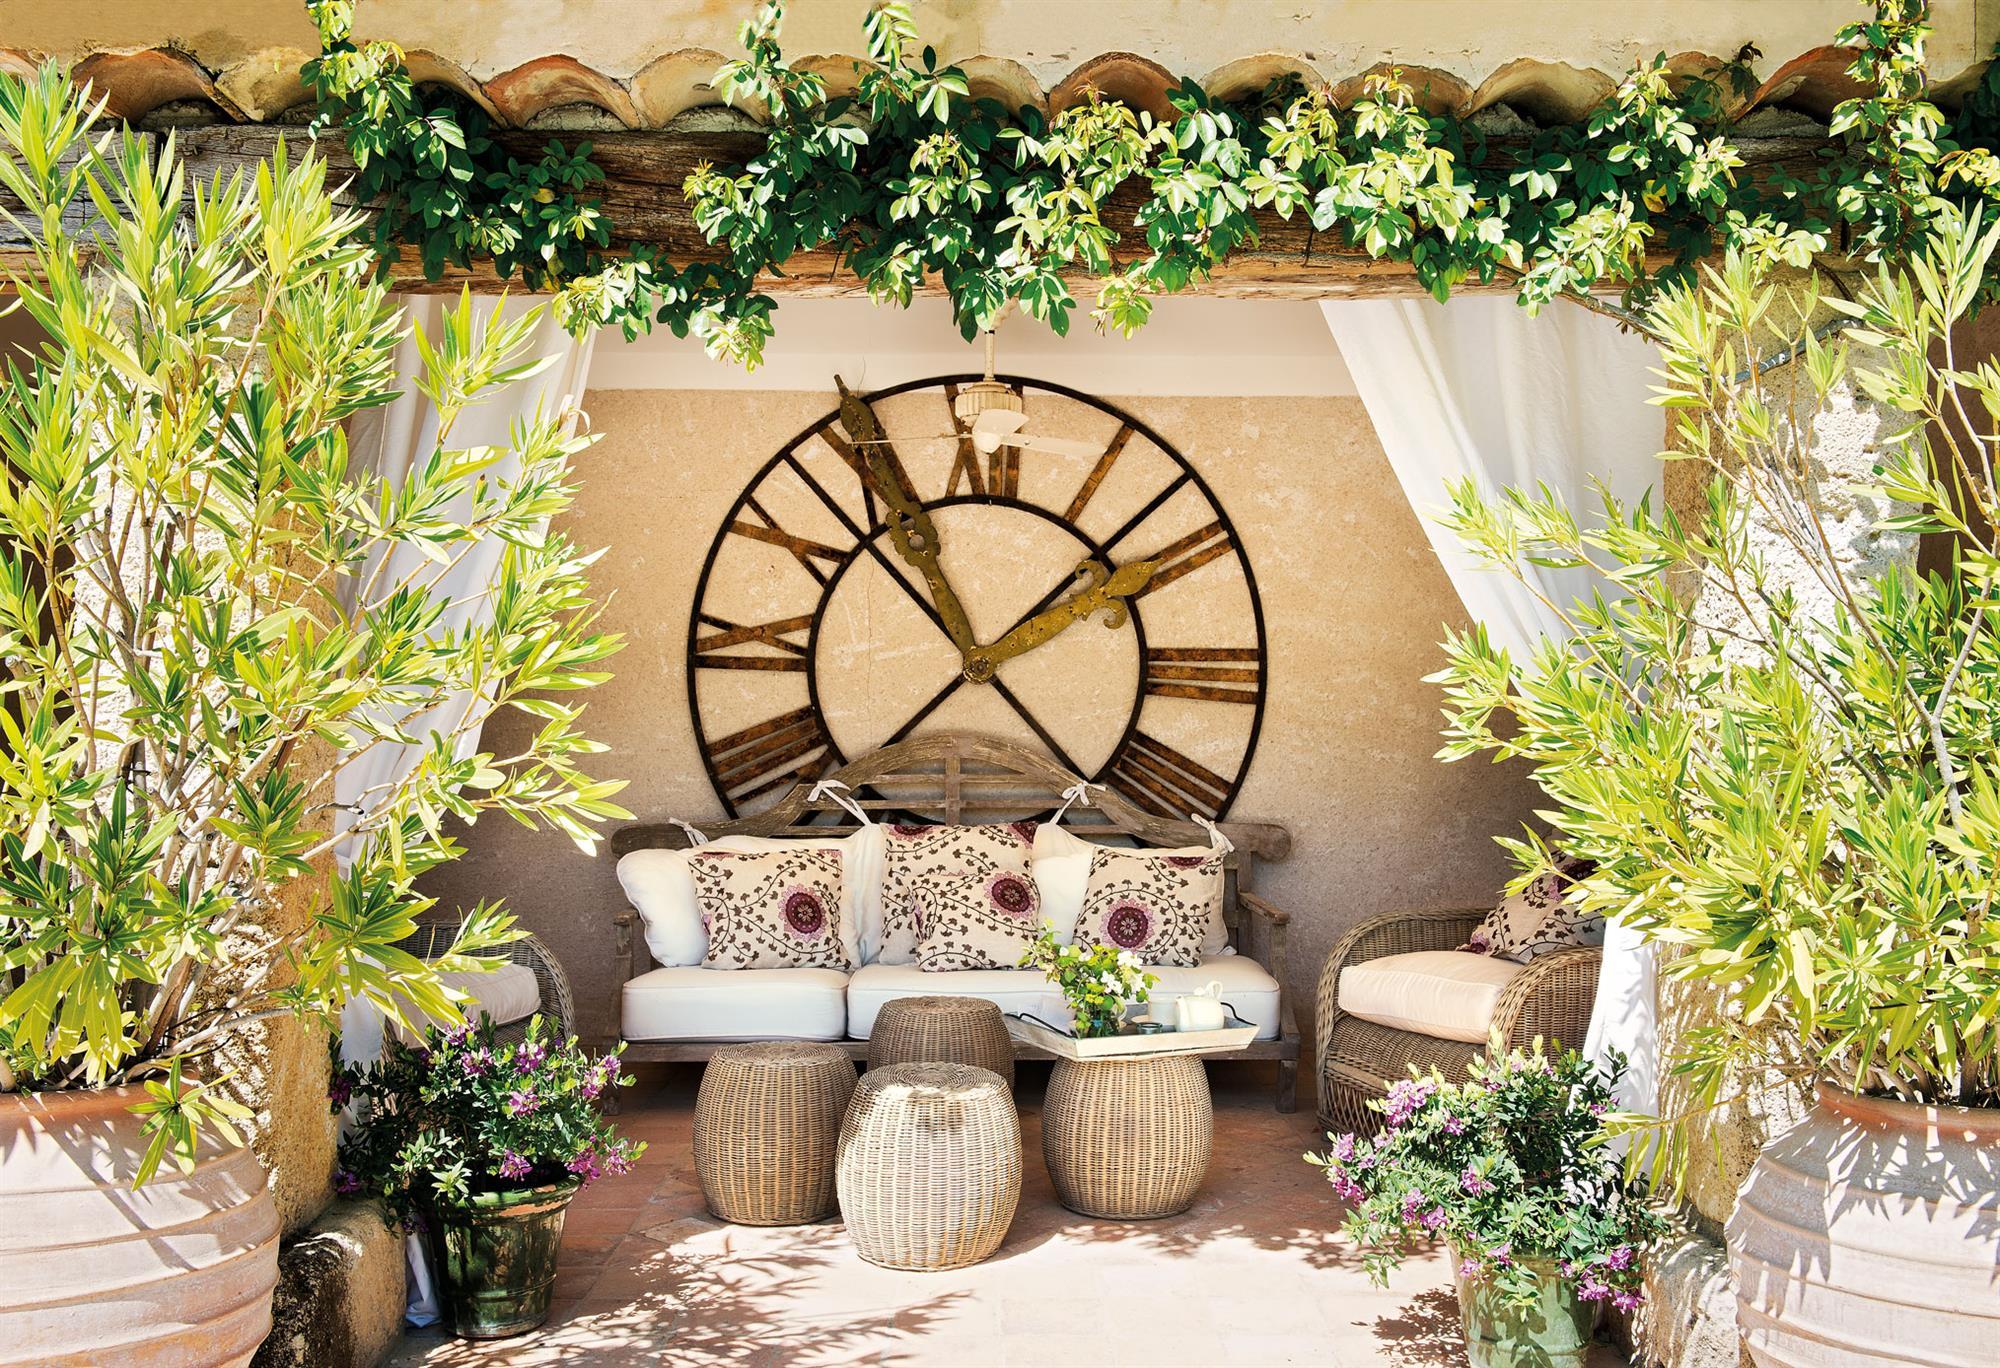 65b69e14936b reloj de pared grande en el porche 00386099. ¡Hasta en el porche!